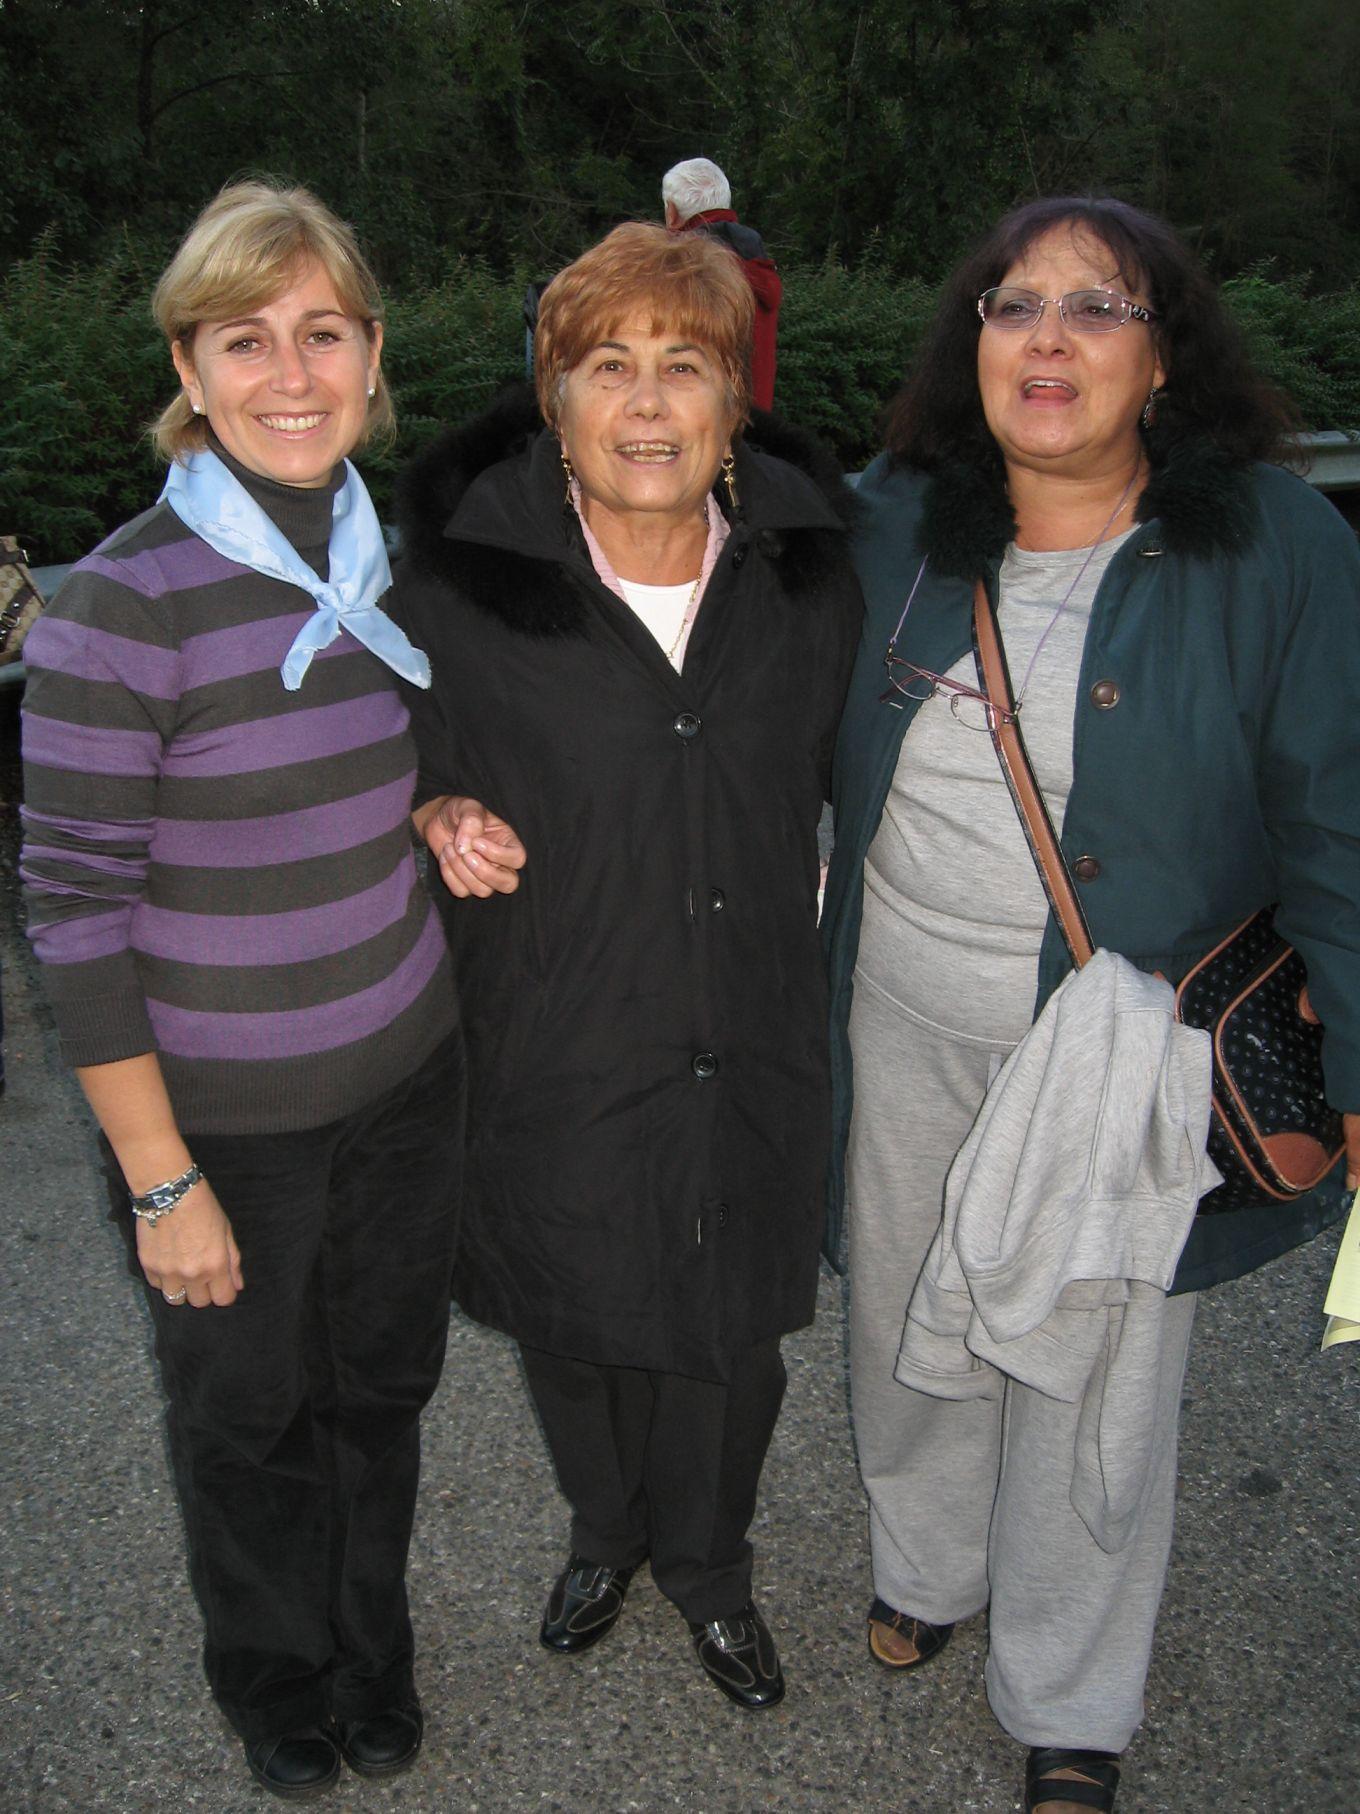 Lourdes-2008-10-26--18.46.31.jpg